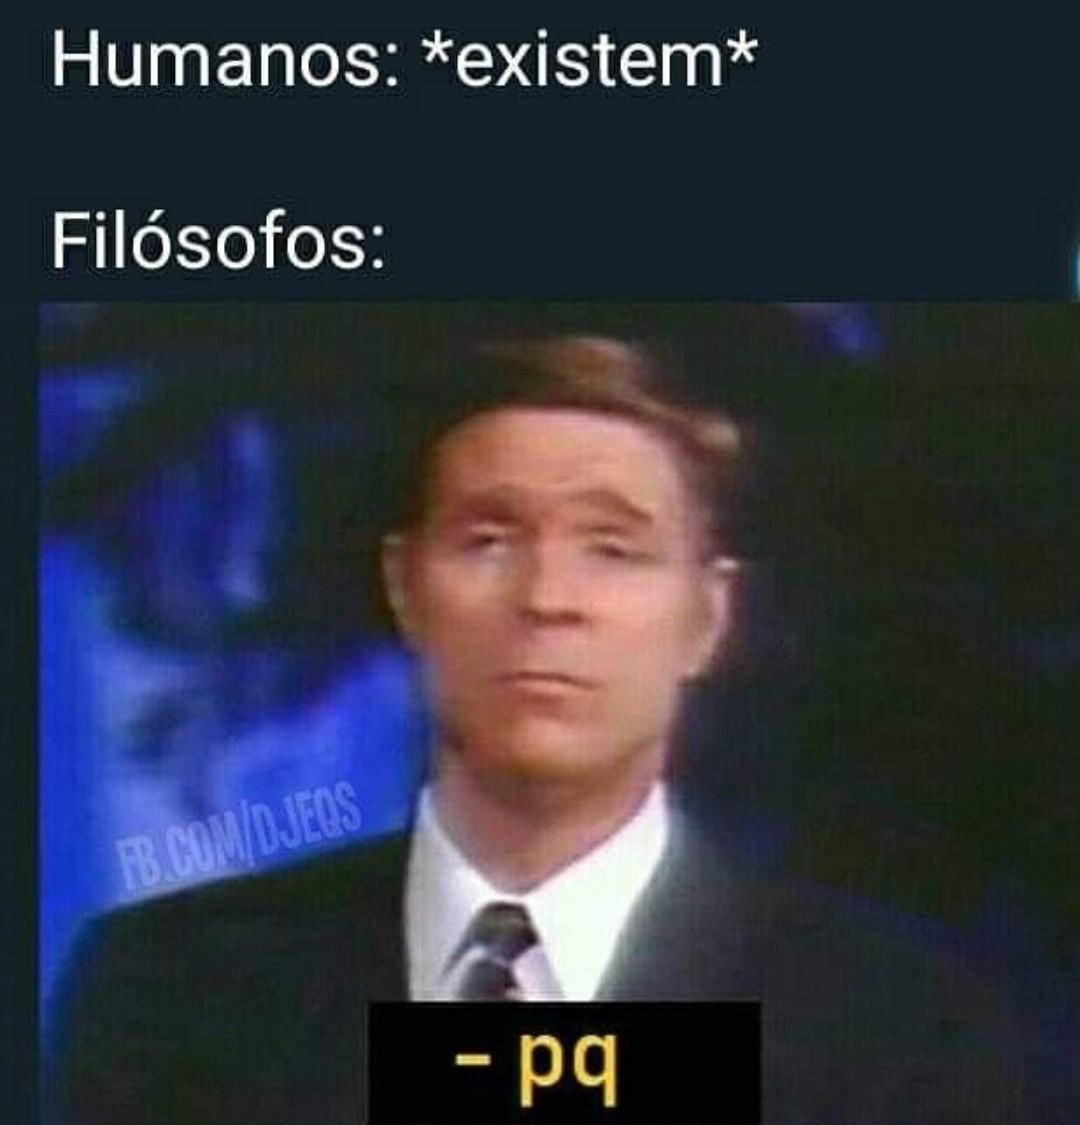 sócratesnazistafodassekk - meme